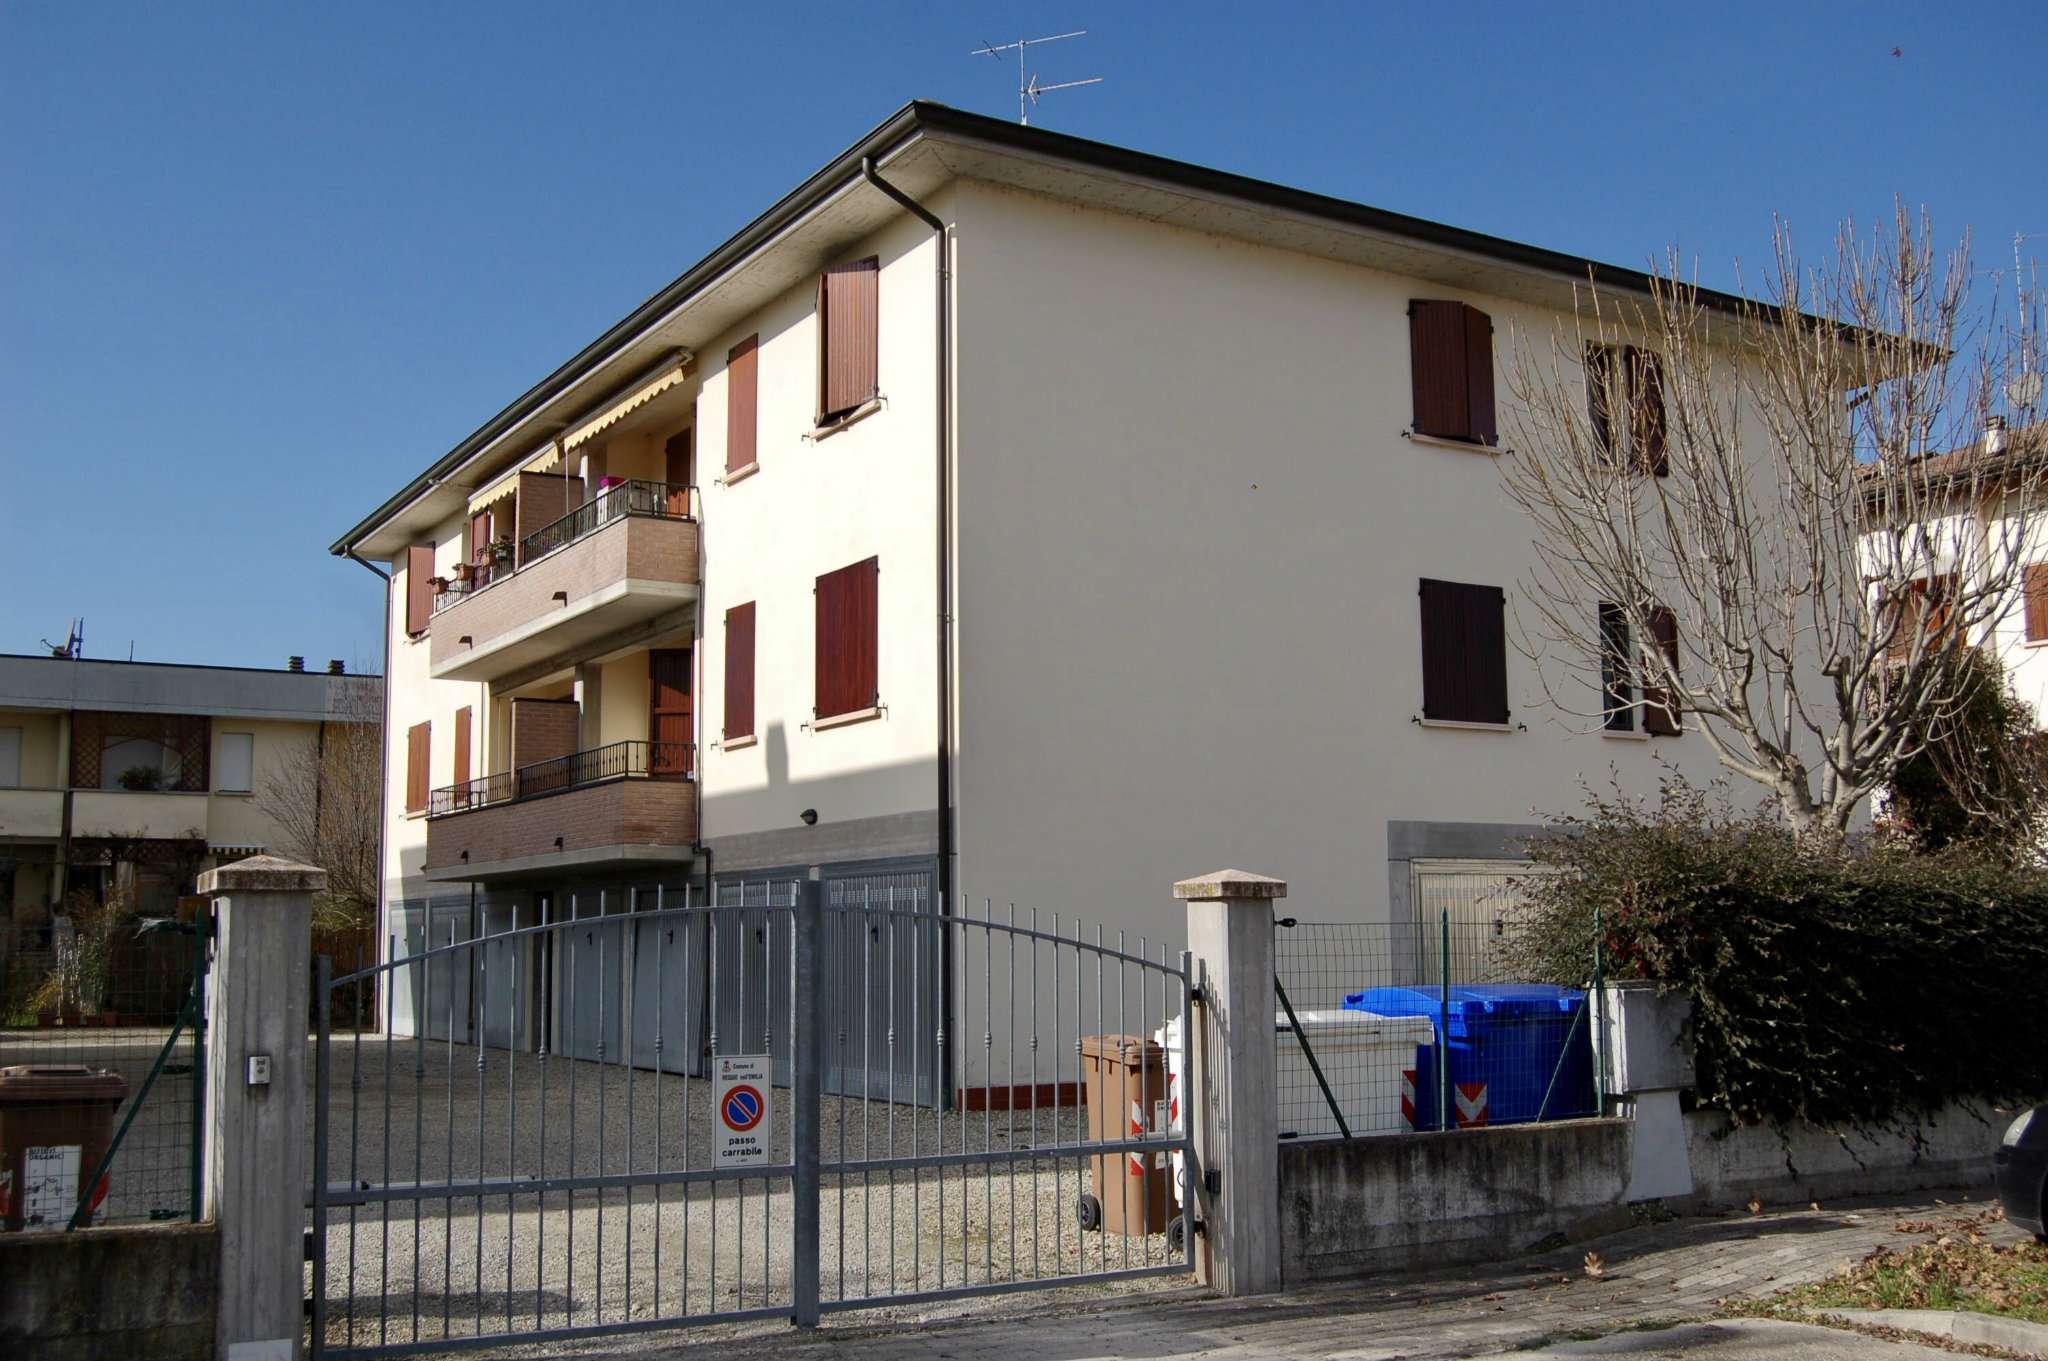 Appartamento in vendita a Reggio Emilia, 2 locali, prezzo € 85.000   PortaleAgenzieImmobiliari.it